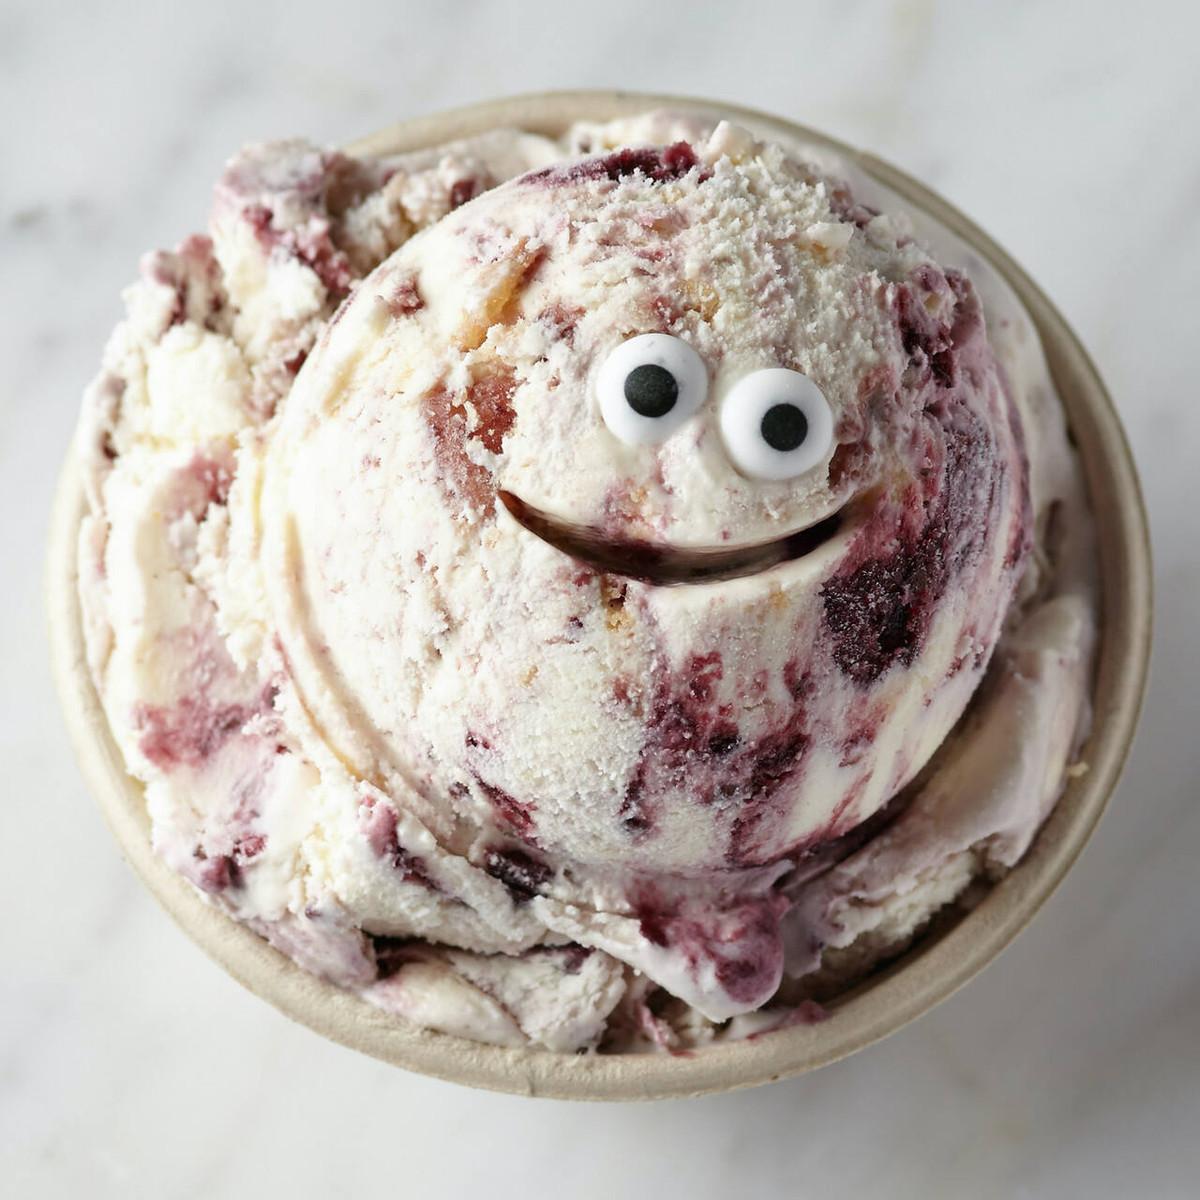 Lemon Blackberry Crumble Ice Cream